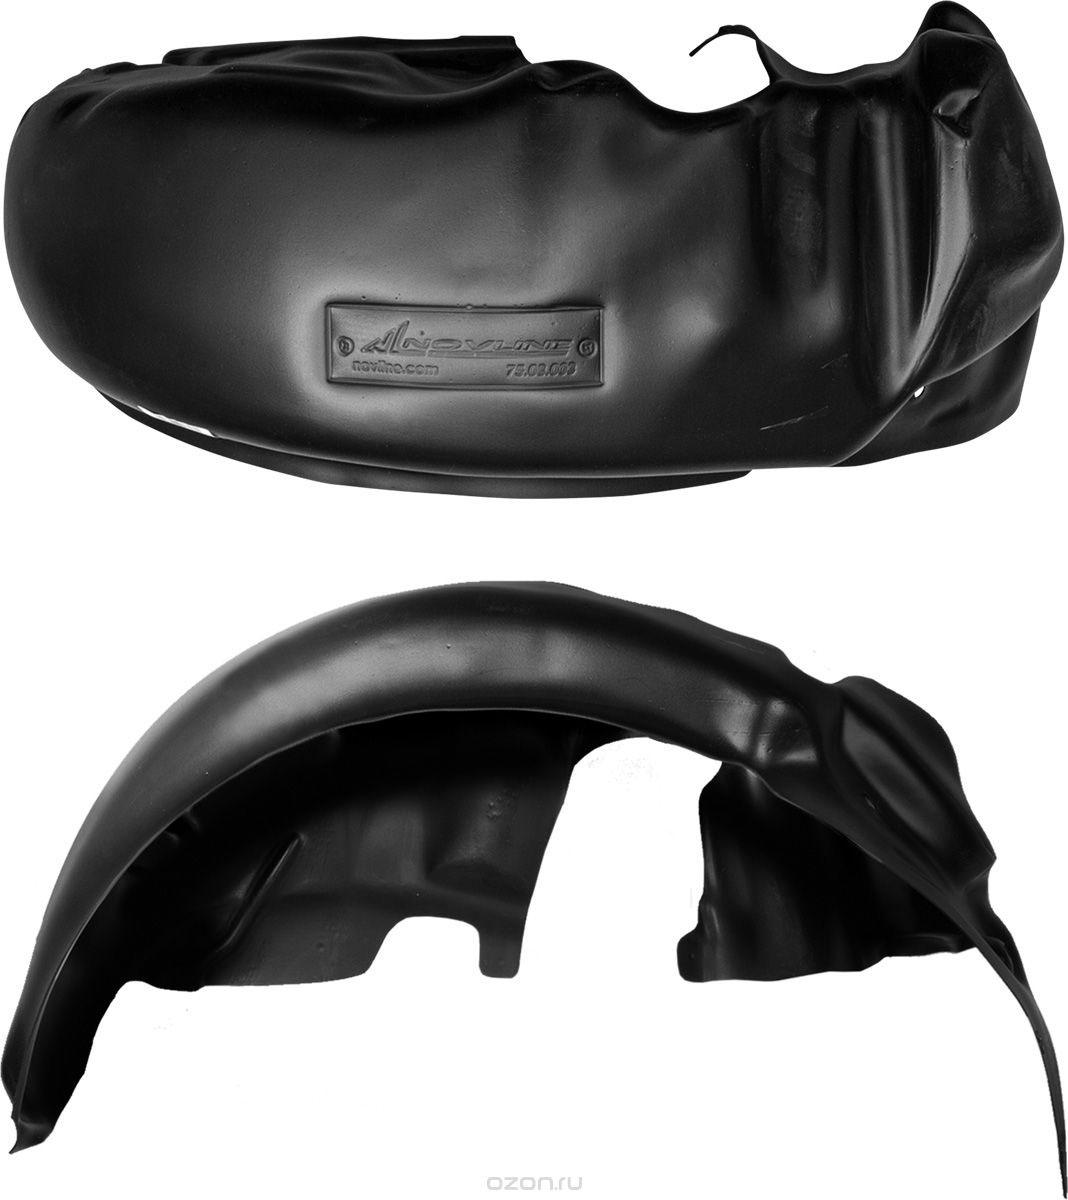 Подкрылок Novline-Autofamily, для GEELY MK Cross, 2010->, задний левыйNLL.75.06.003Идеальная защита колесной ниши. Локеры разработаны с применением цифровых технологий, гарантируют максимальную повторяемость поверхности арки. Изделия устанавливаются без нарушения лакокрасочного покрытия автомобиля, каждый подкрылок комплектуется крепежом. Уважаемые клиенты, обращаем ваше внимание, что фотографии на подкрылки универсальные и не отражают реальную форму изделия. При этом само изделие идет точно под размер указанного автомобиля.